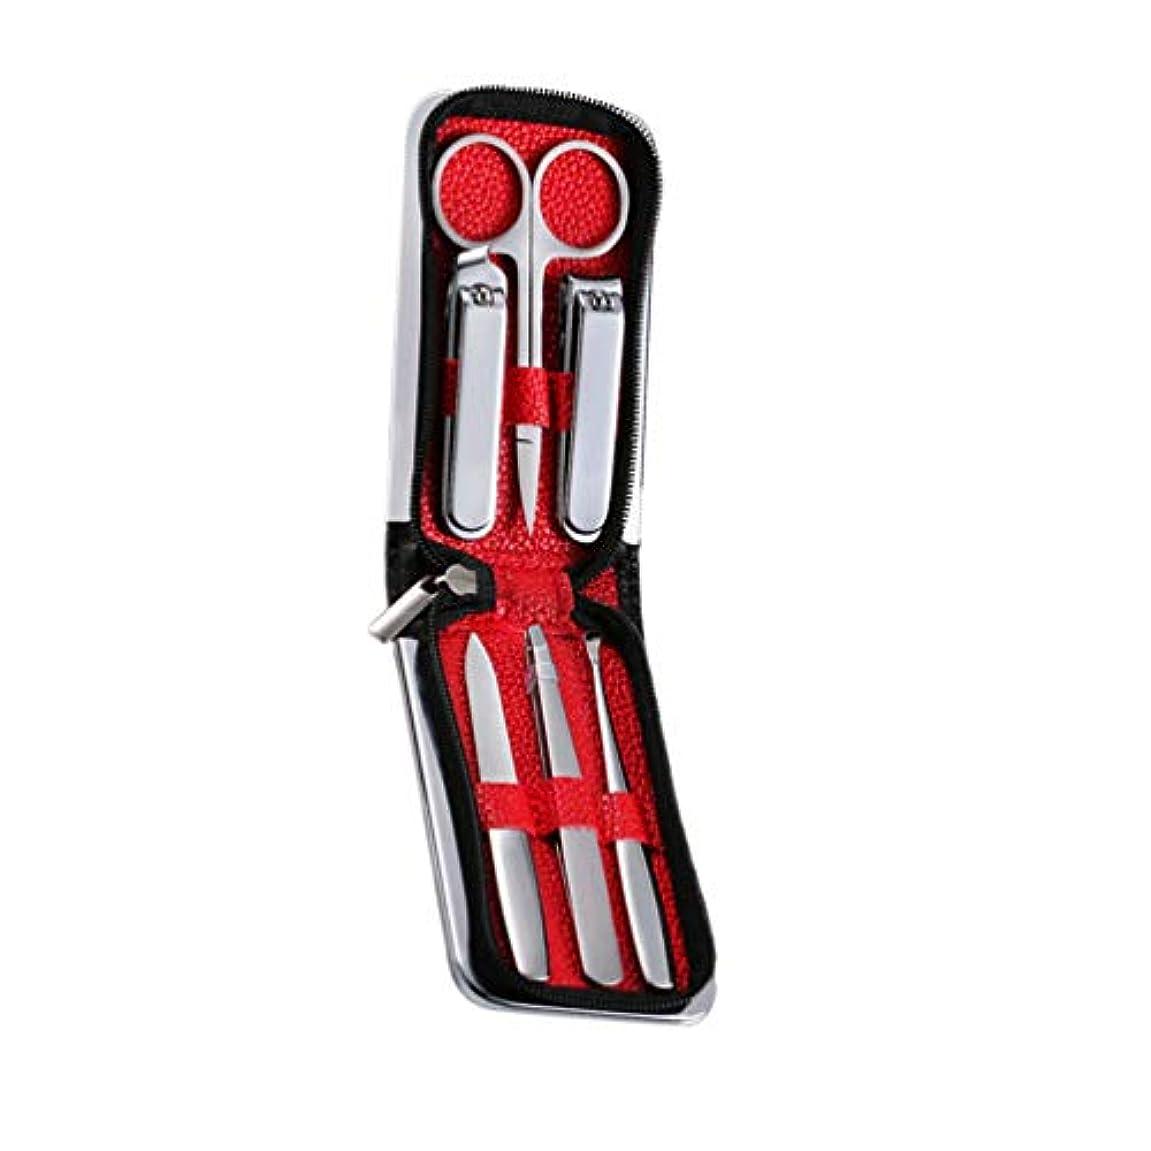 アフリカ人フックインポートHeallily 爪切り、男性の女性のためのケースステンレス鋼の爪カッタートリマーマニキュアツールキットとセット爪切りマニキュアツールの1セットは、屋外旅行(黒)